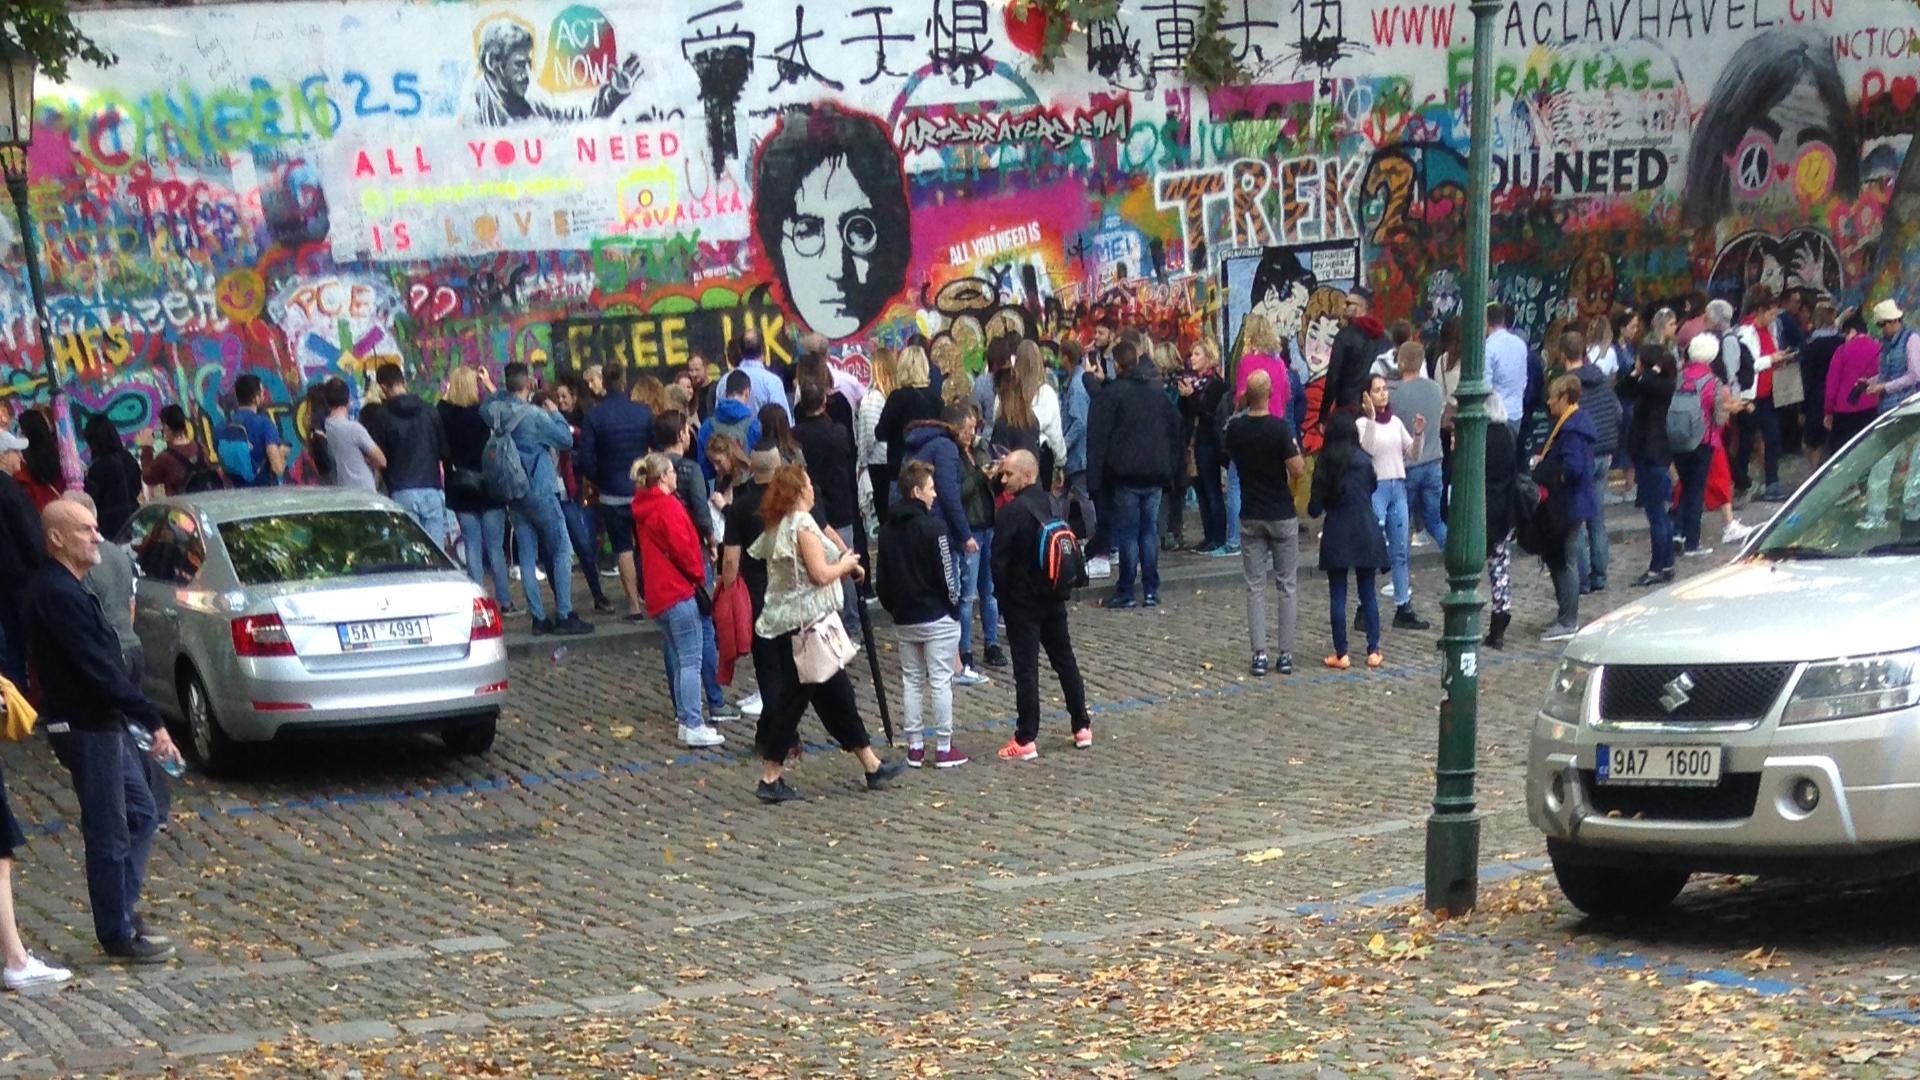 John Lennon Wall 2